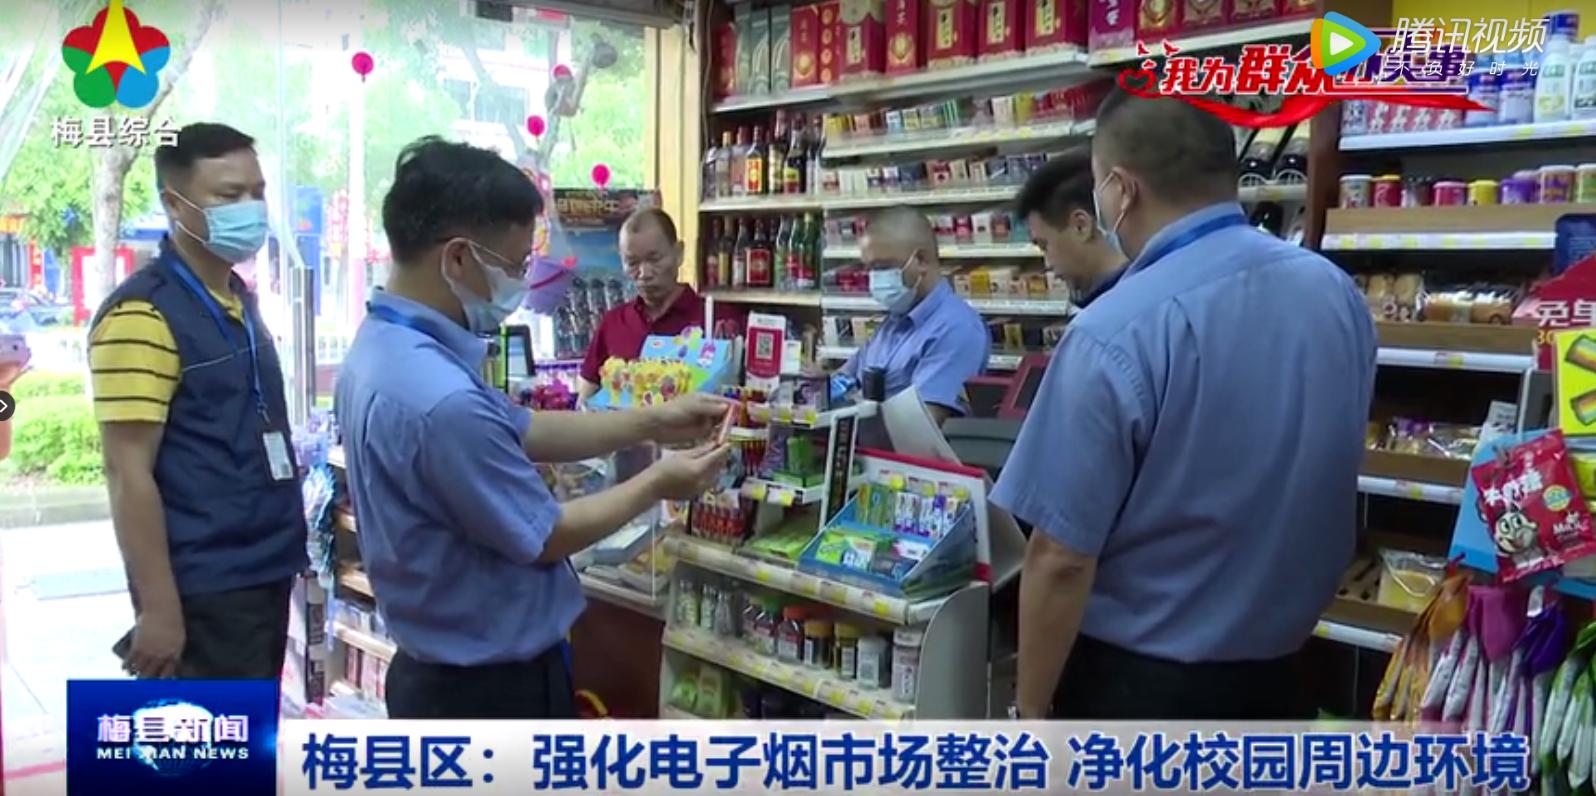 梅县区:强化电子烟市场整治 净化校园周边环境